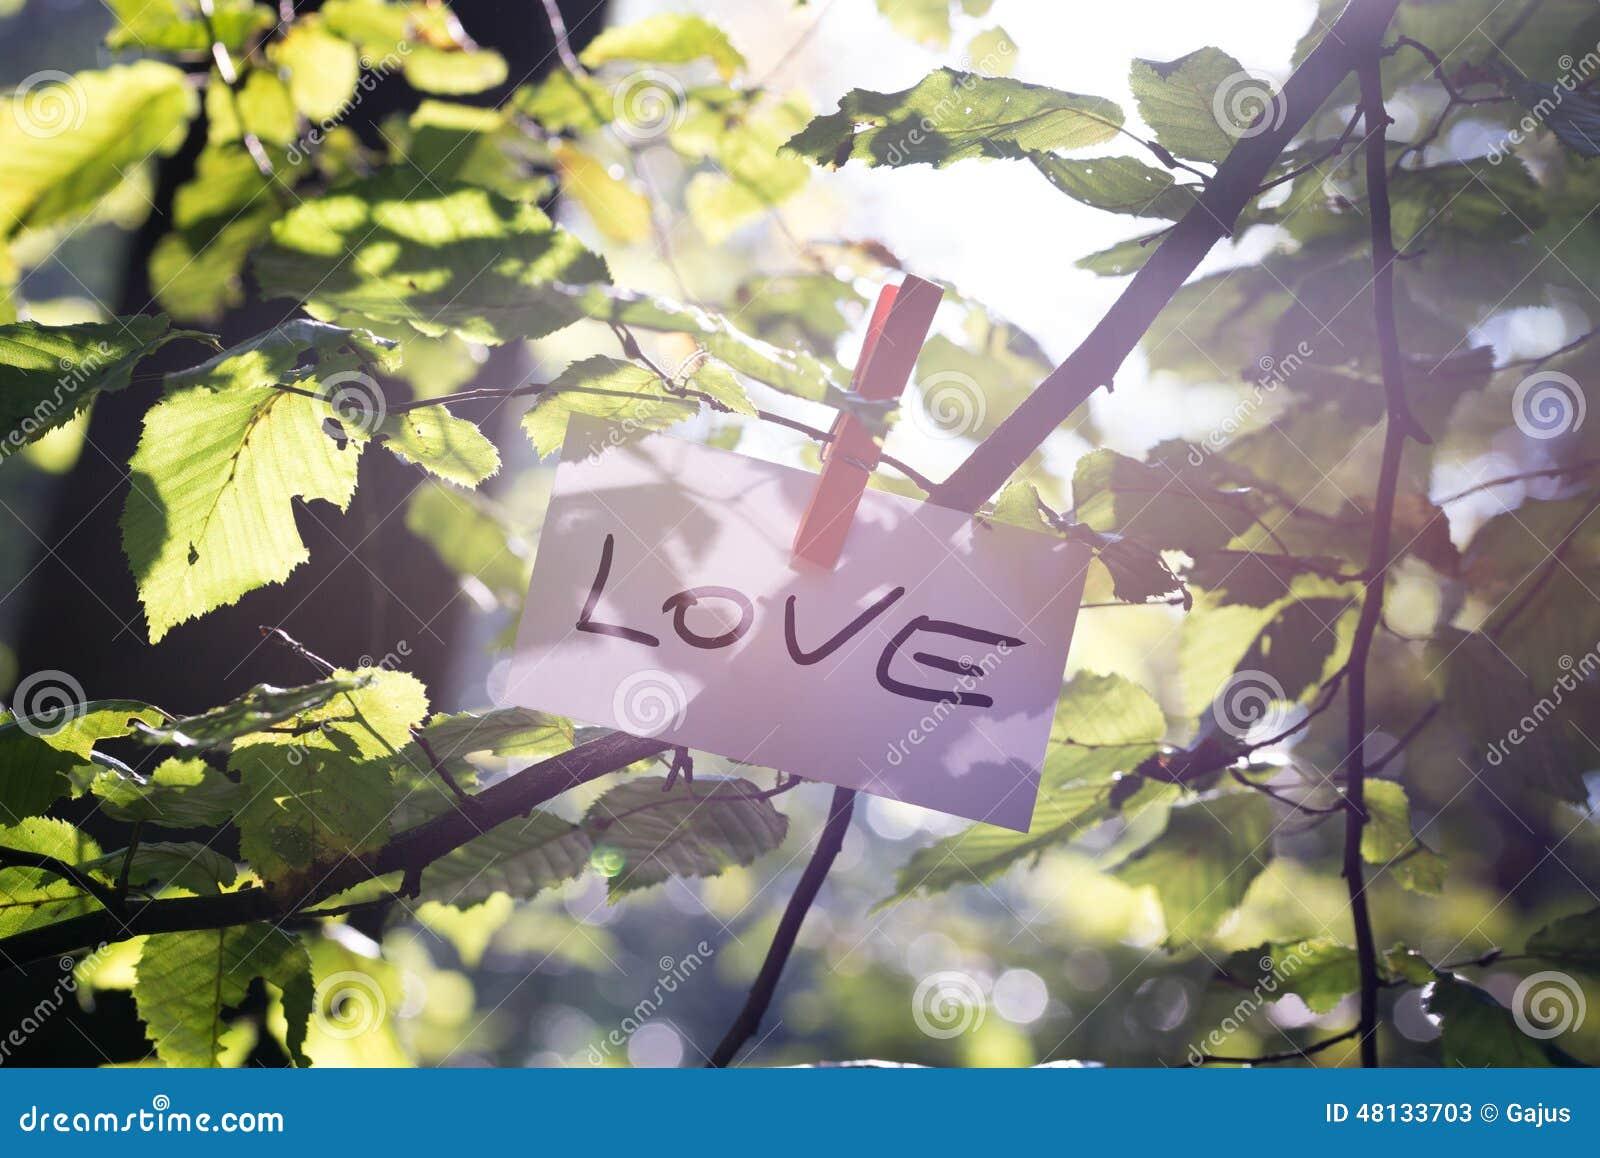 Mitteilung der Liebe in der Natur